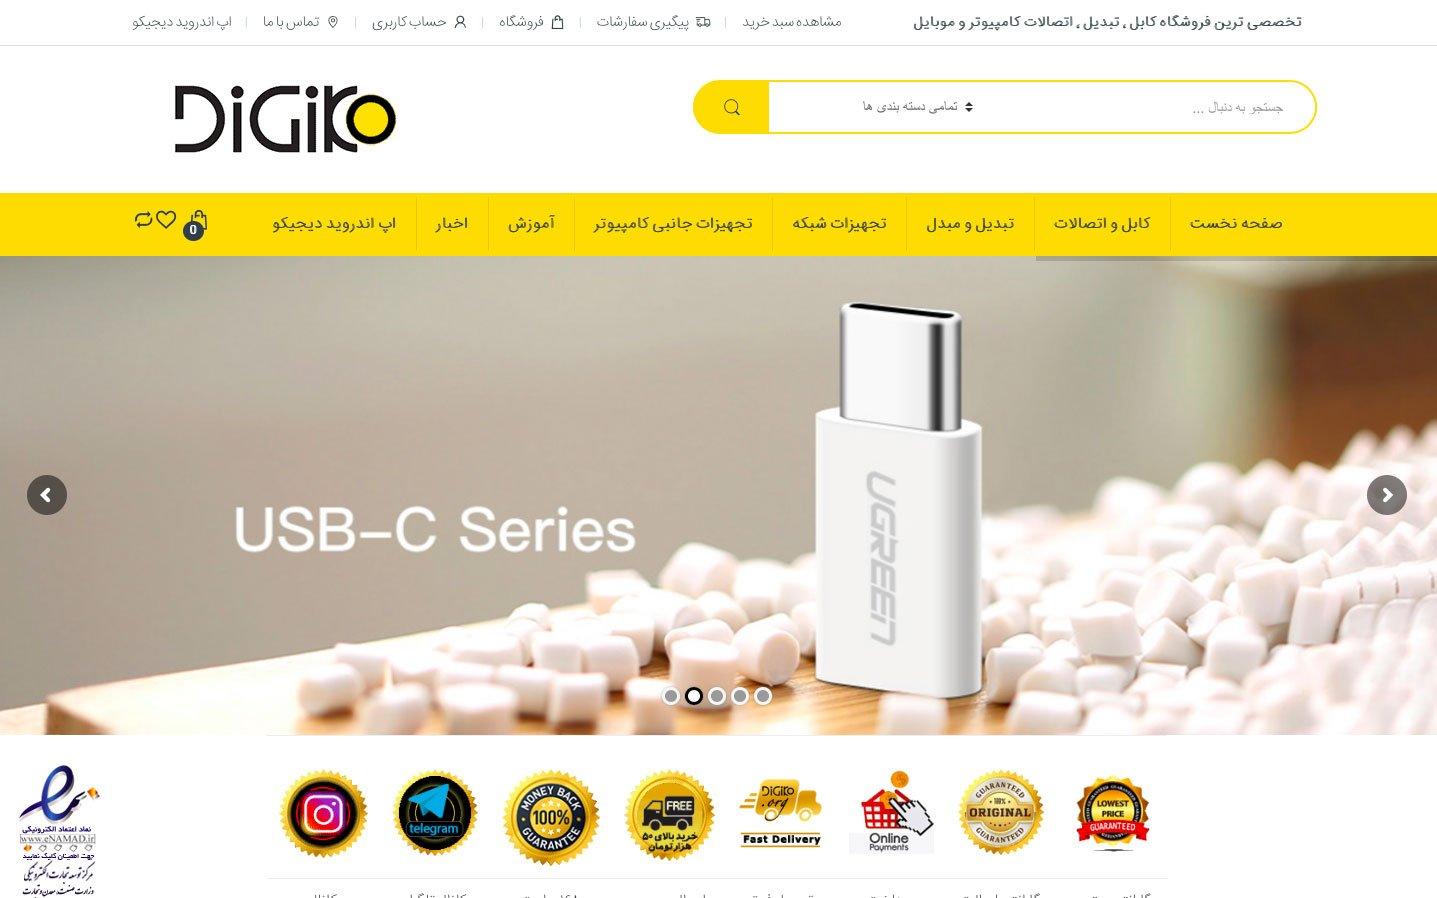 طراحی وب سایت دیجیکو